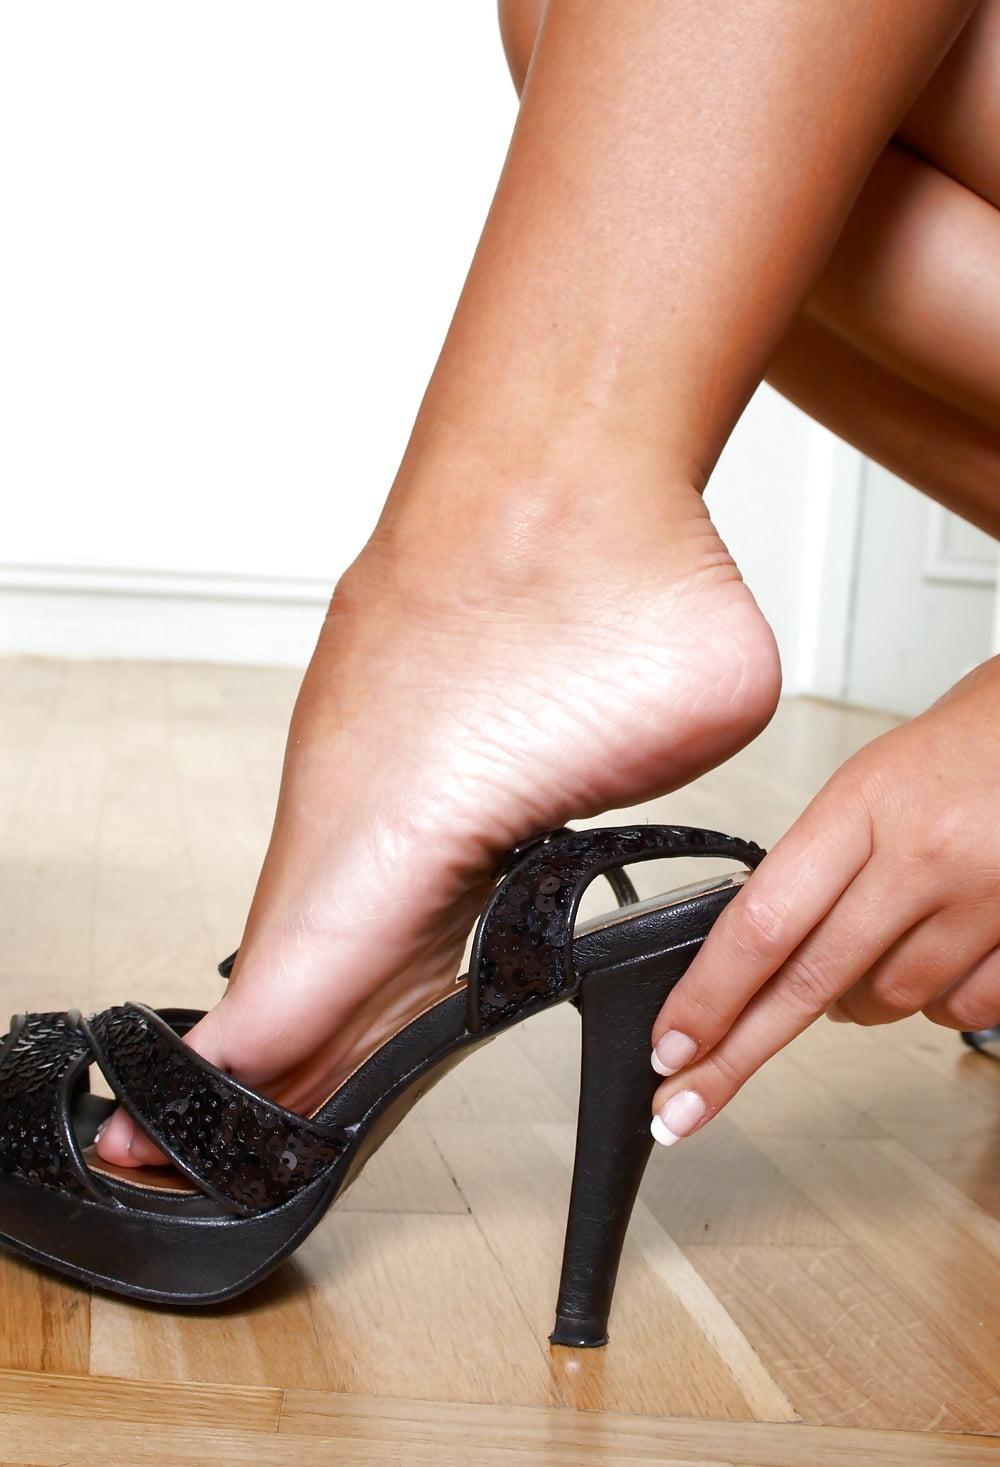 женские ступни в офисе постояла молча